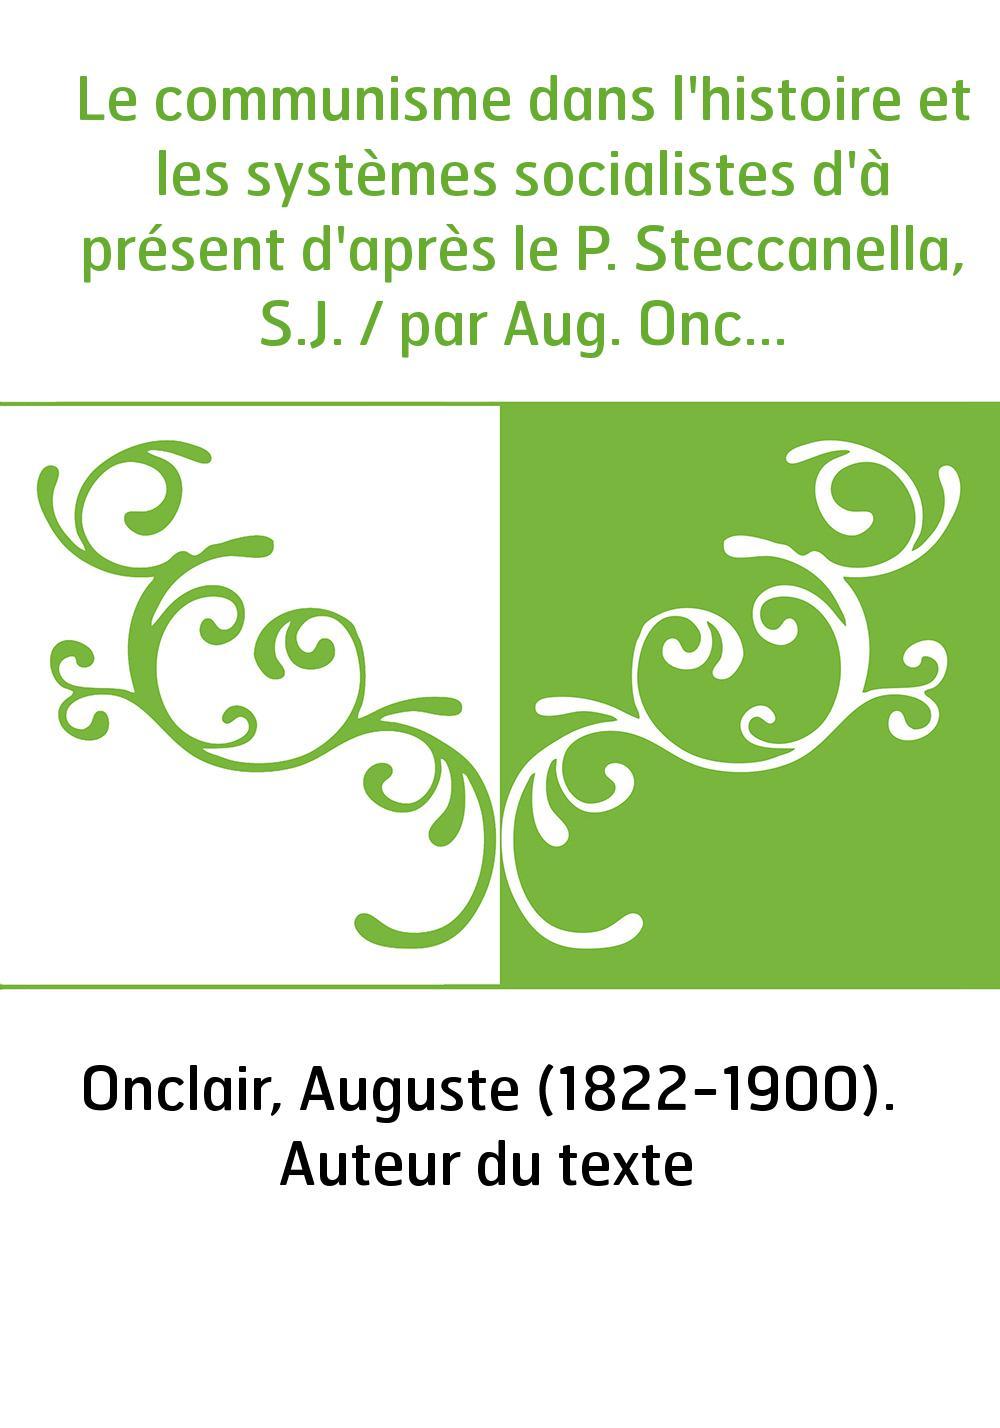 Le communisme dans l'histoire et les systèmes socialistes d'à présent d'après le P. Steccanella, S.J. / par Aug. Onclair,...